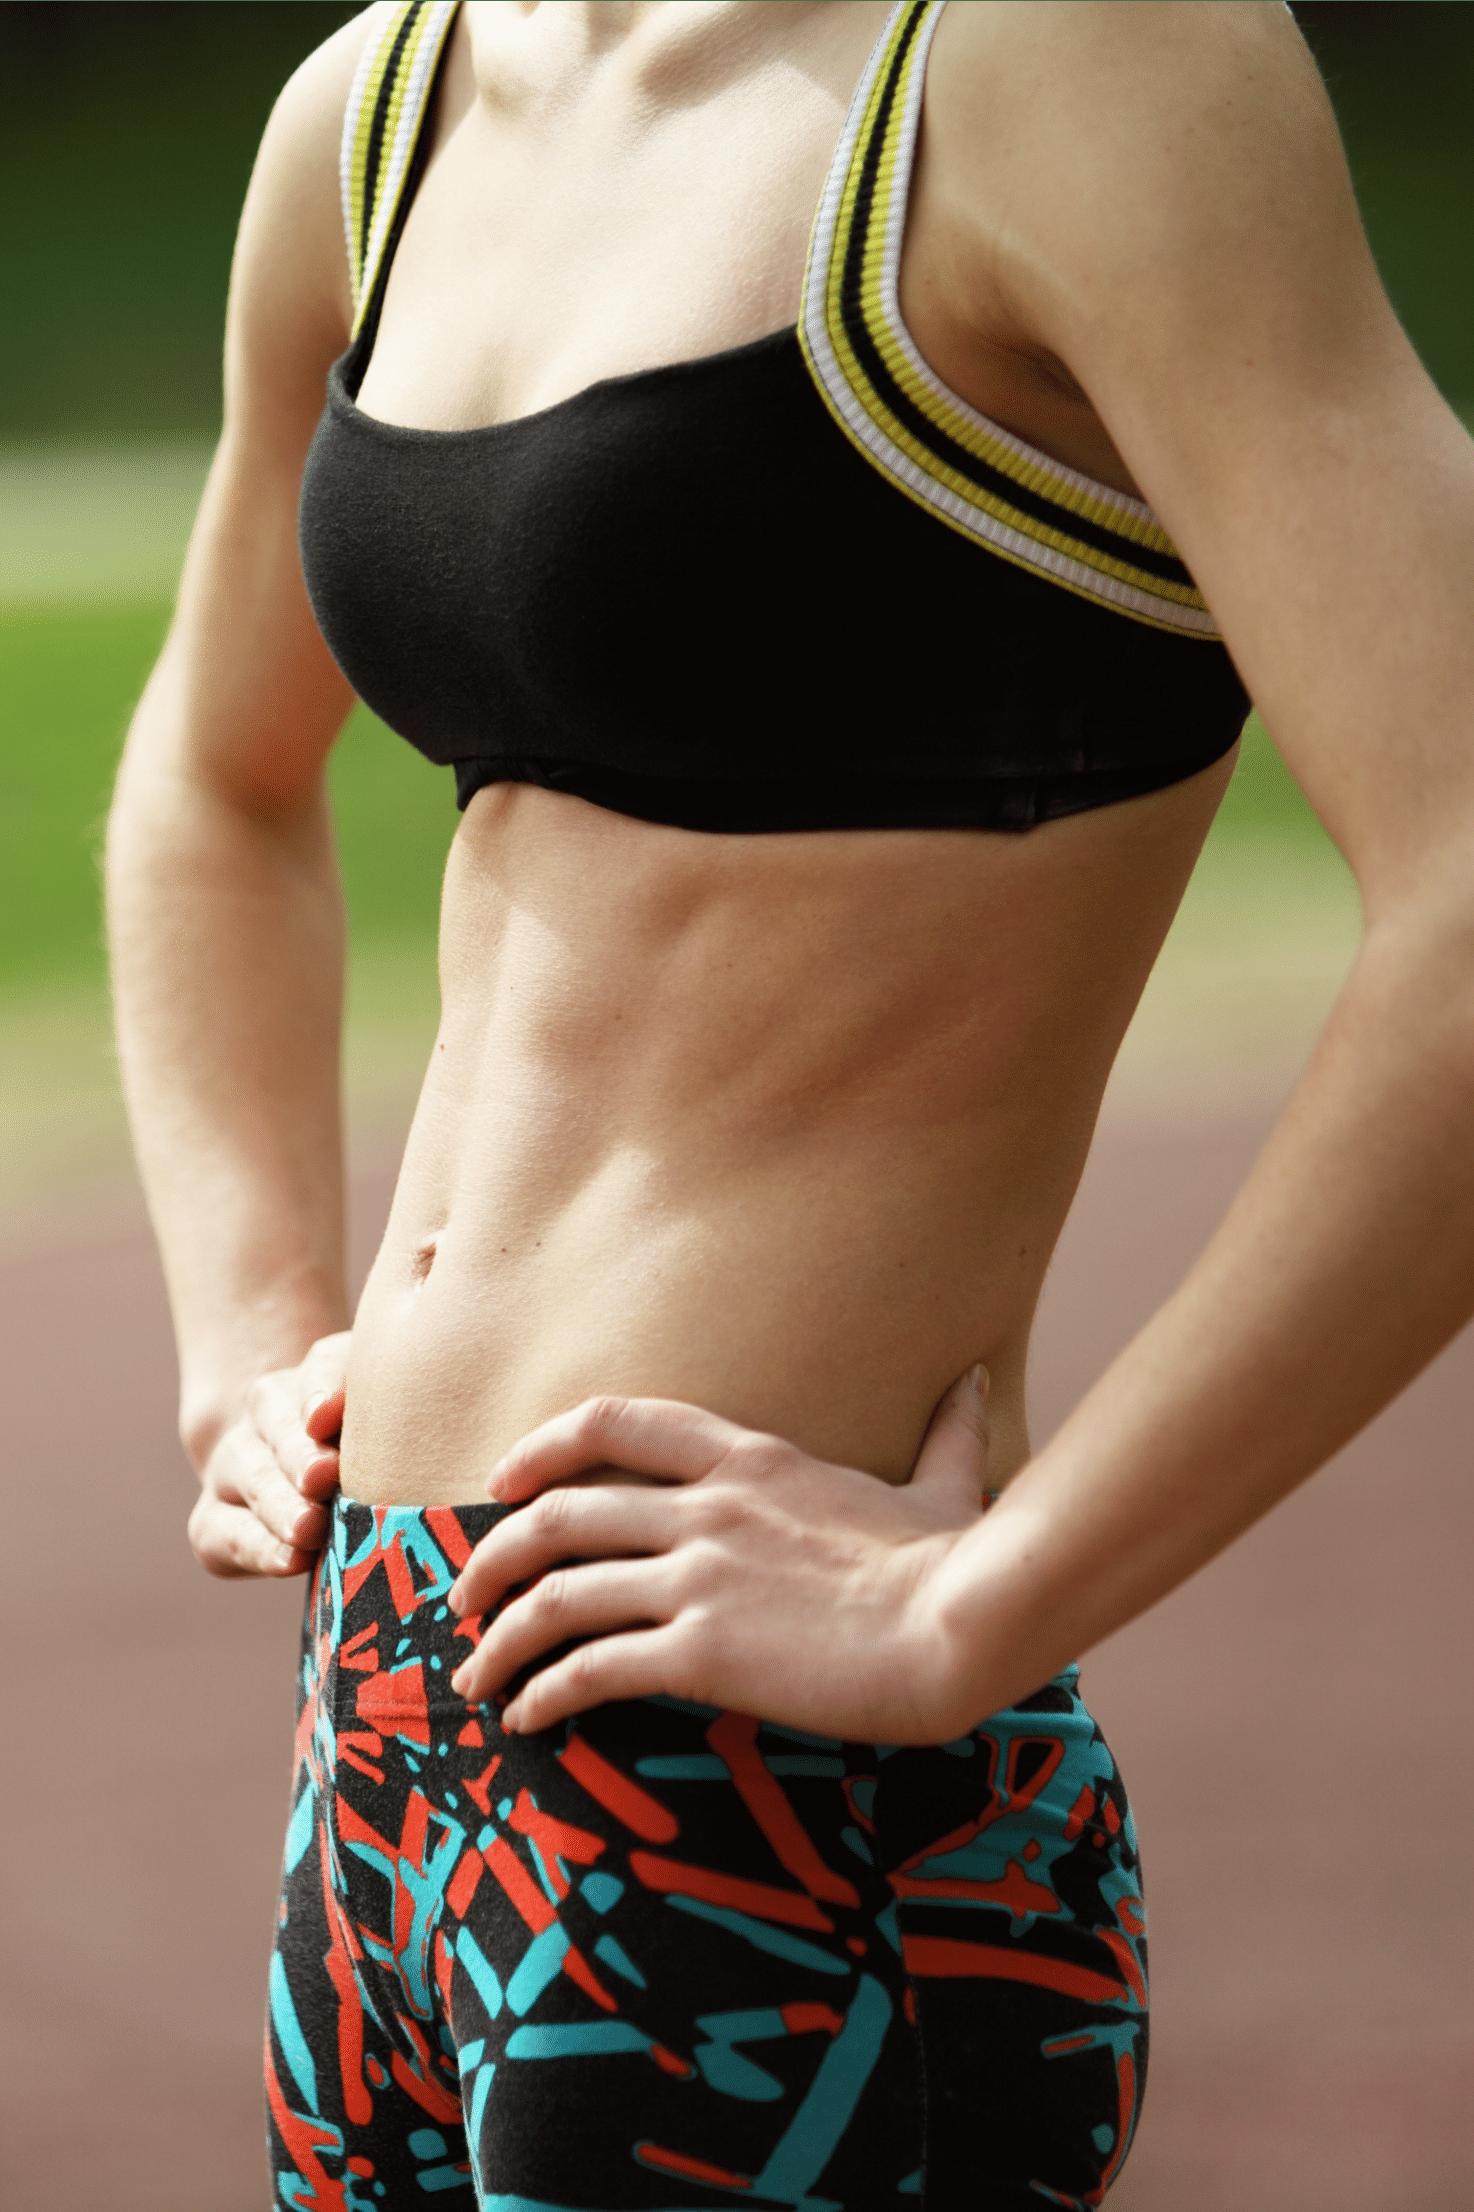 kvinde med flad mave poserer